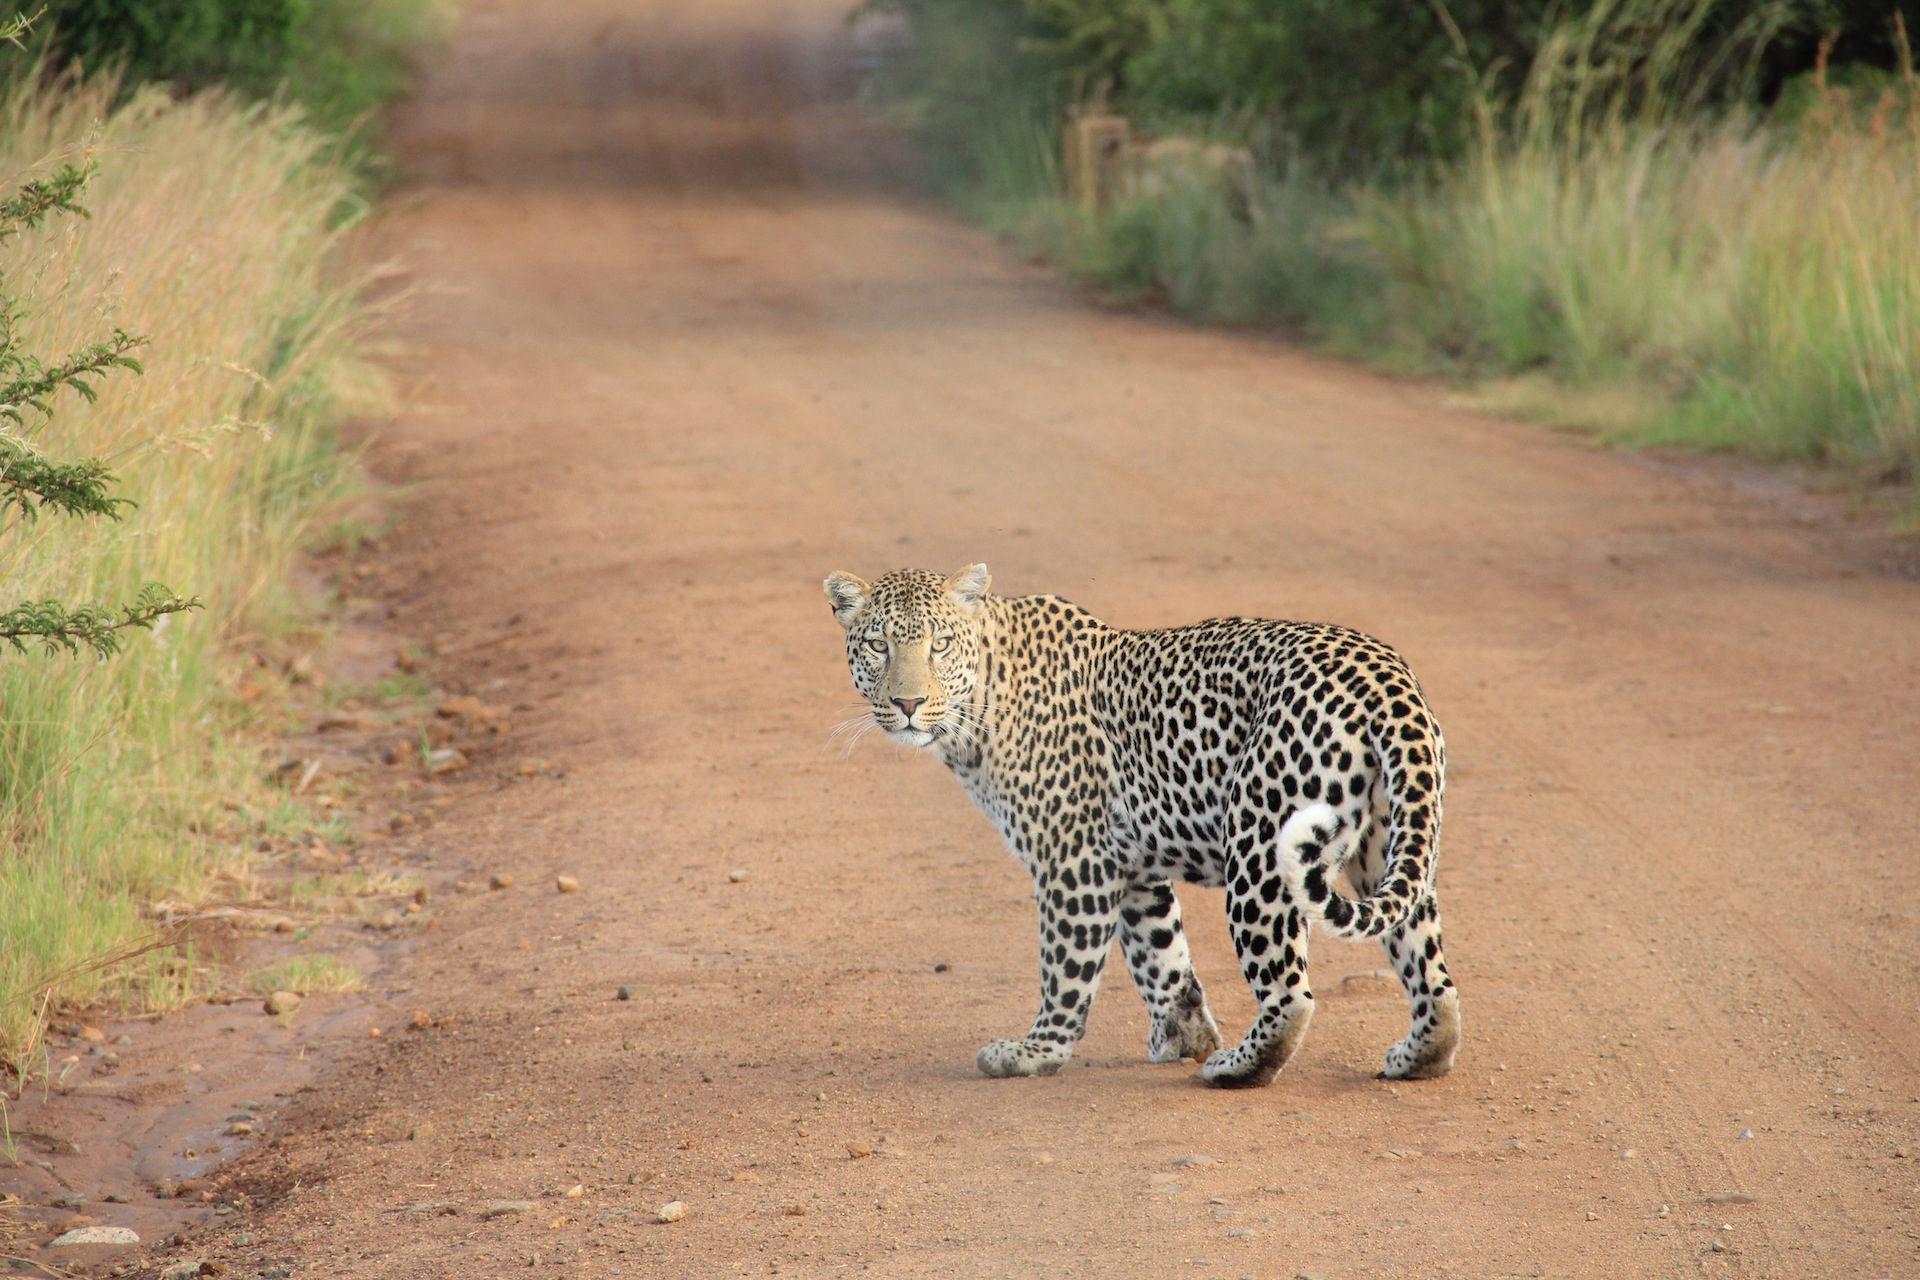 Λεοπάρδαλη, αιλουροειδών, Άγρια, Κοίτα, γούνα - Wallpapers HD - Professor-falken.com